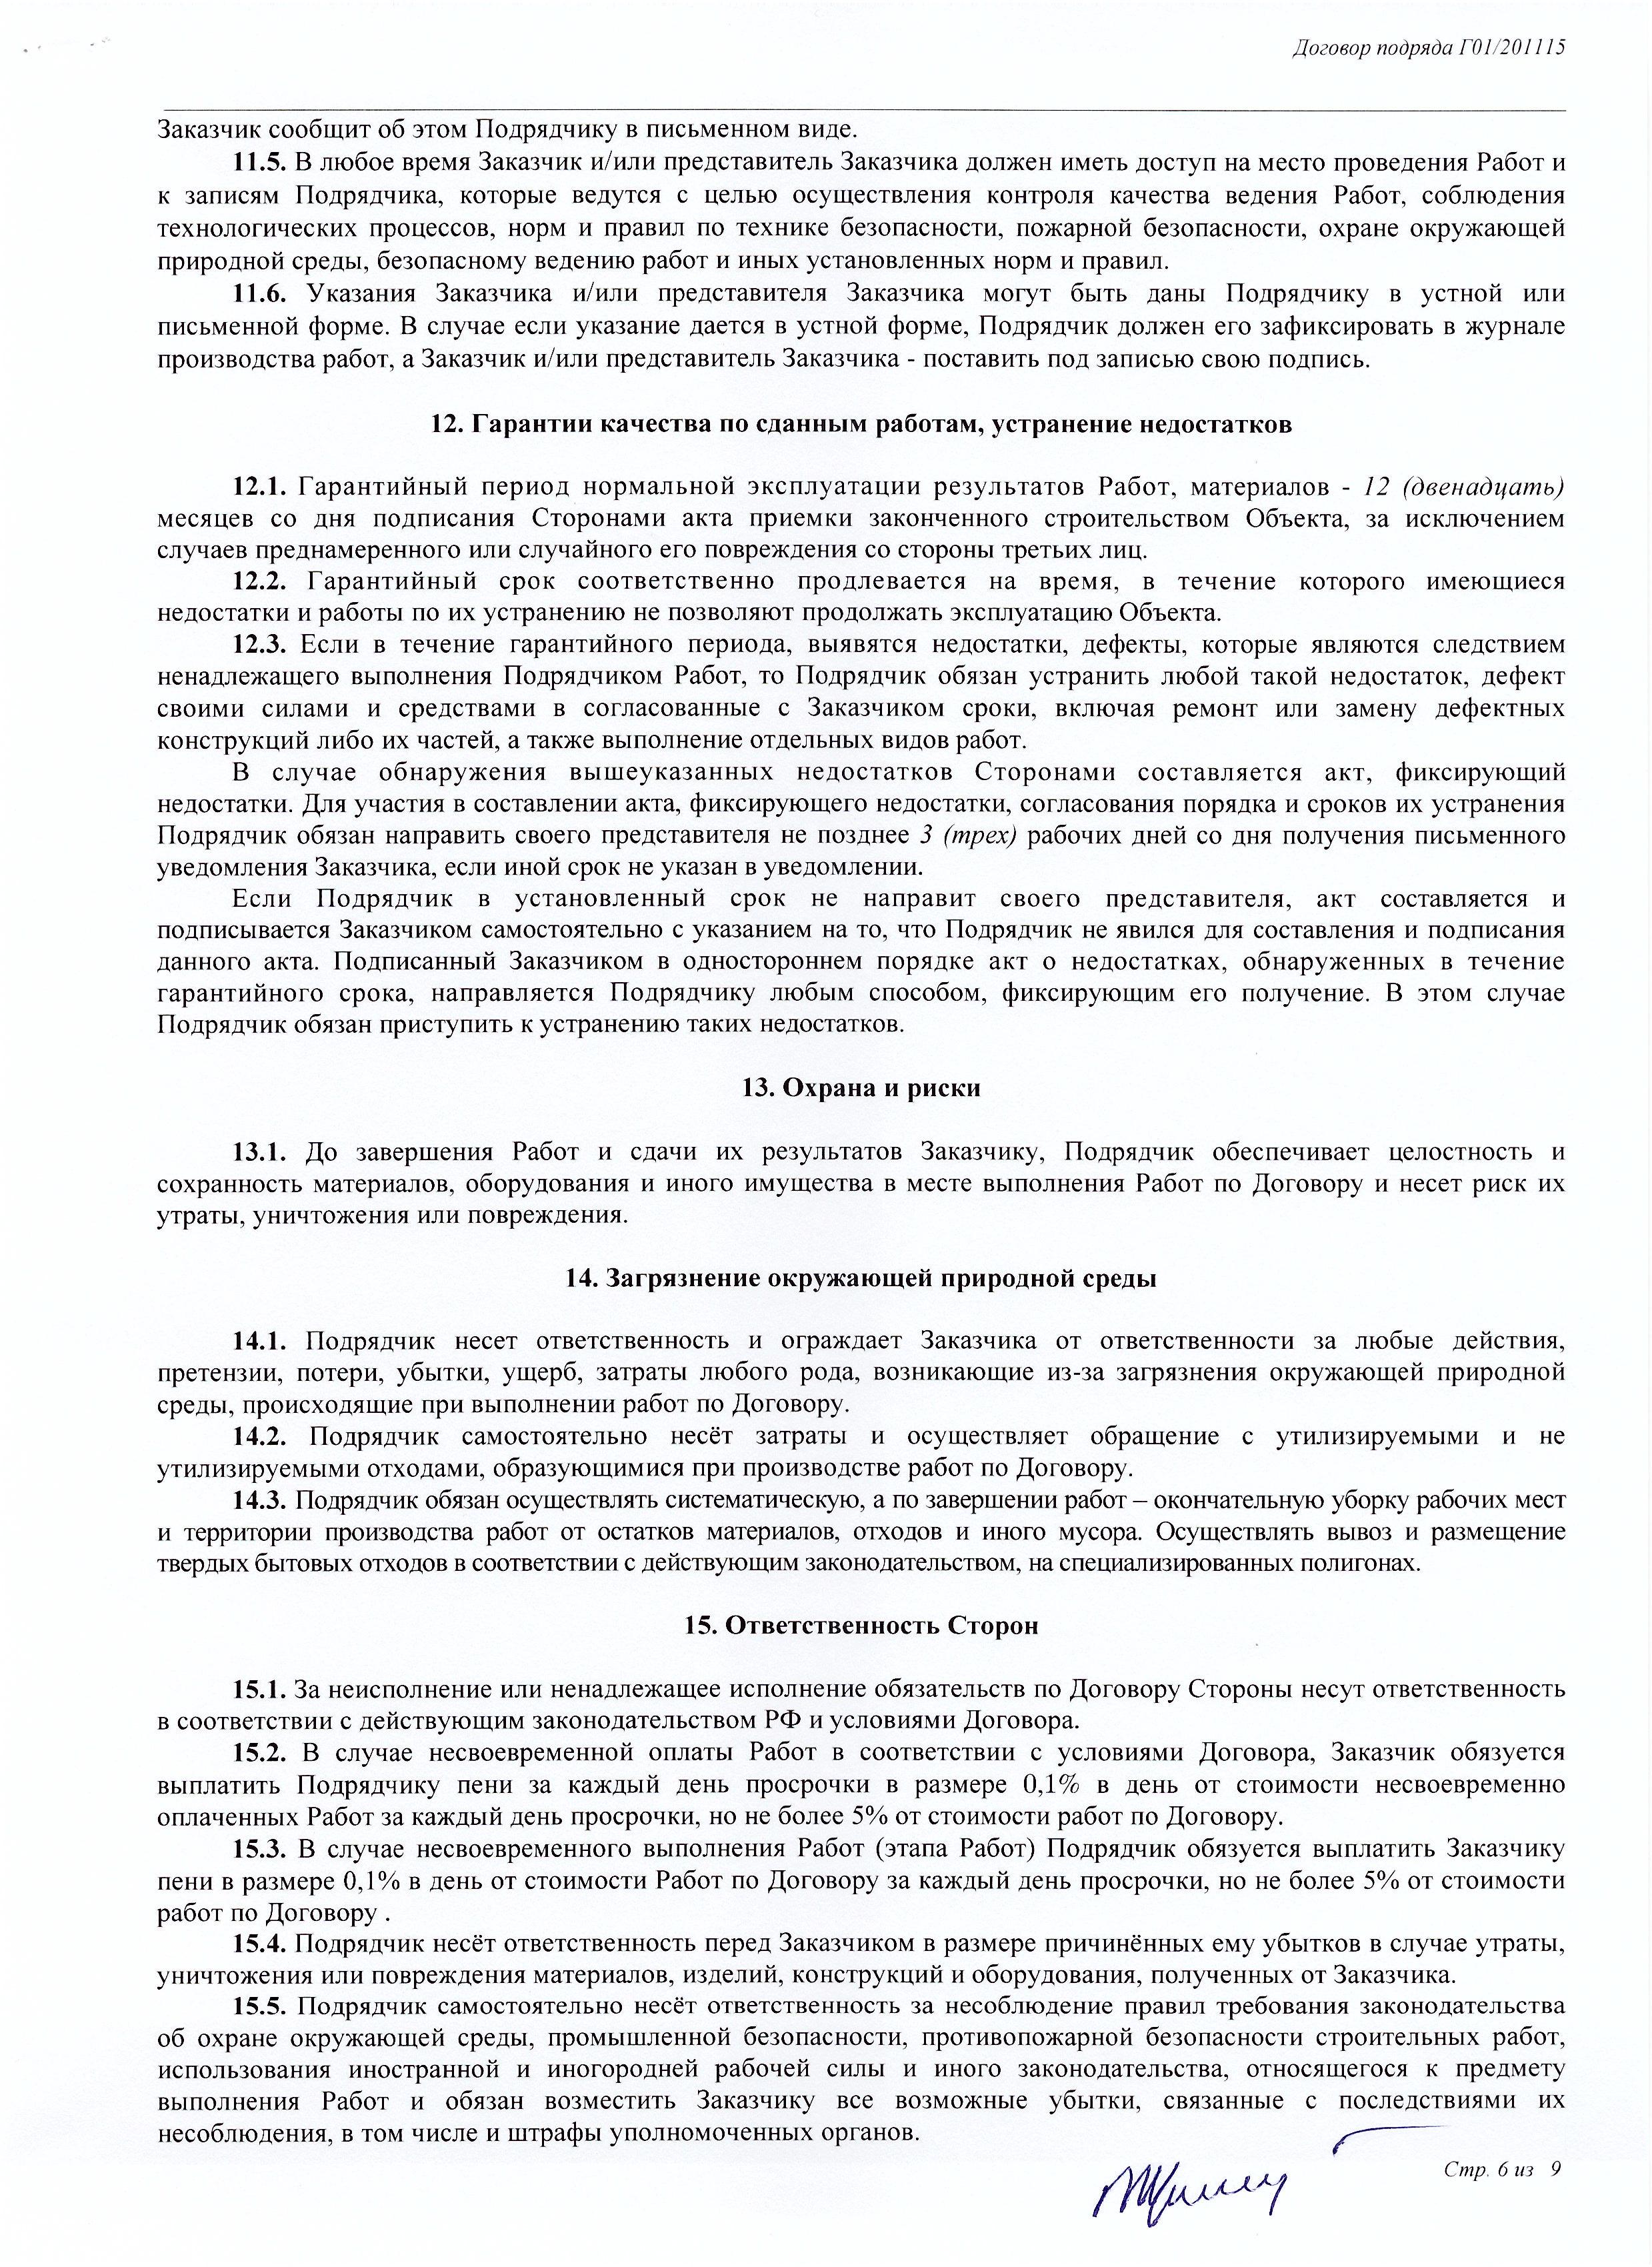 http://s6.uploads.ru/v3VaL.png